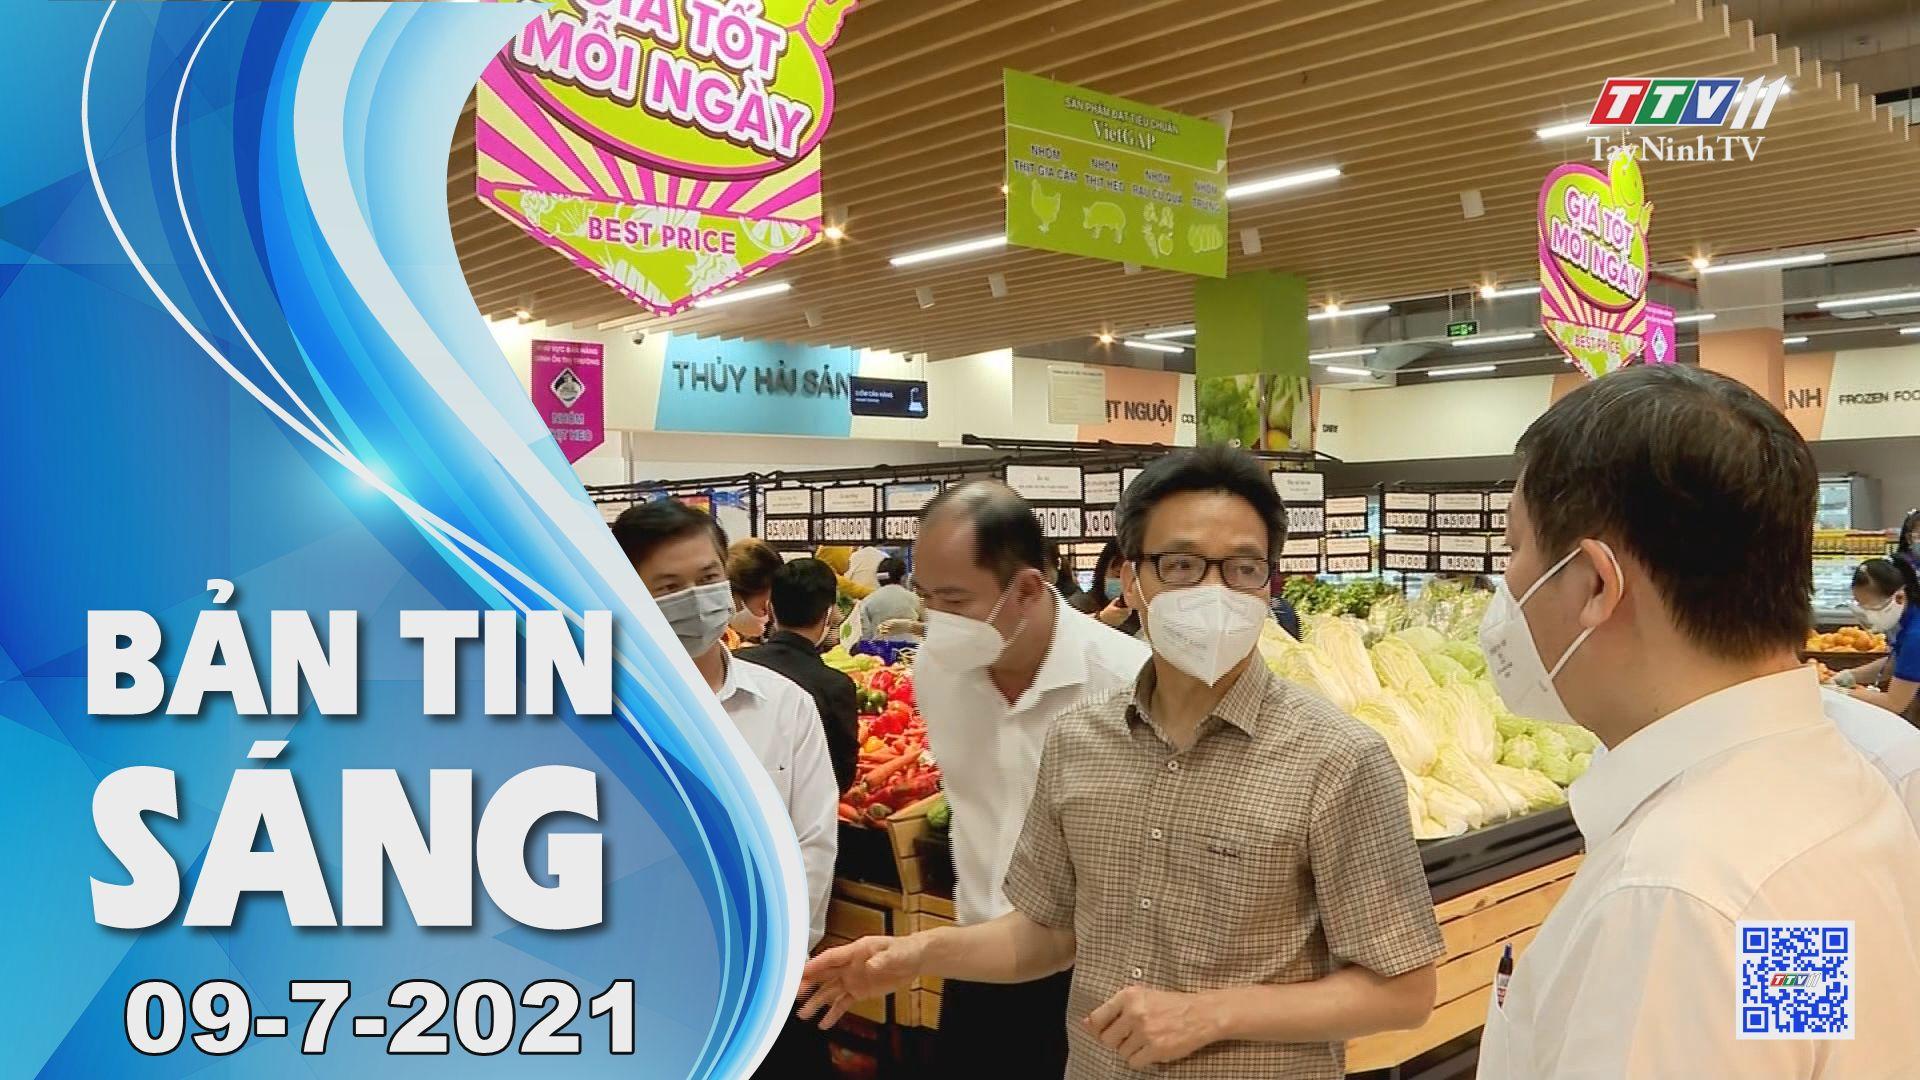 Bản tin sáng 09-7-2021   Tin tức hôm nay   TayNinhTV